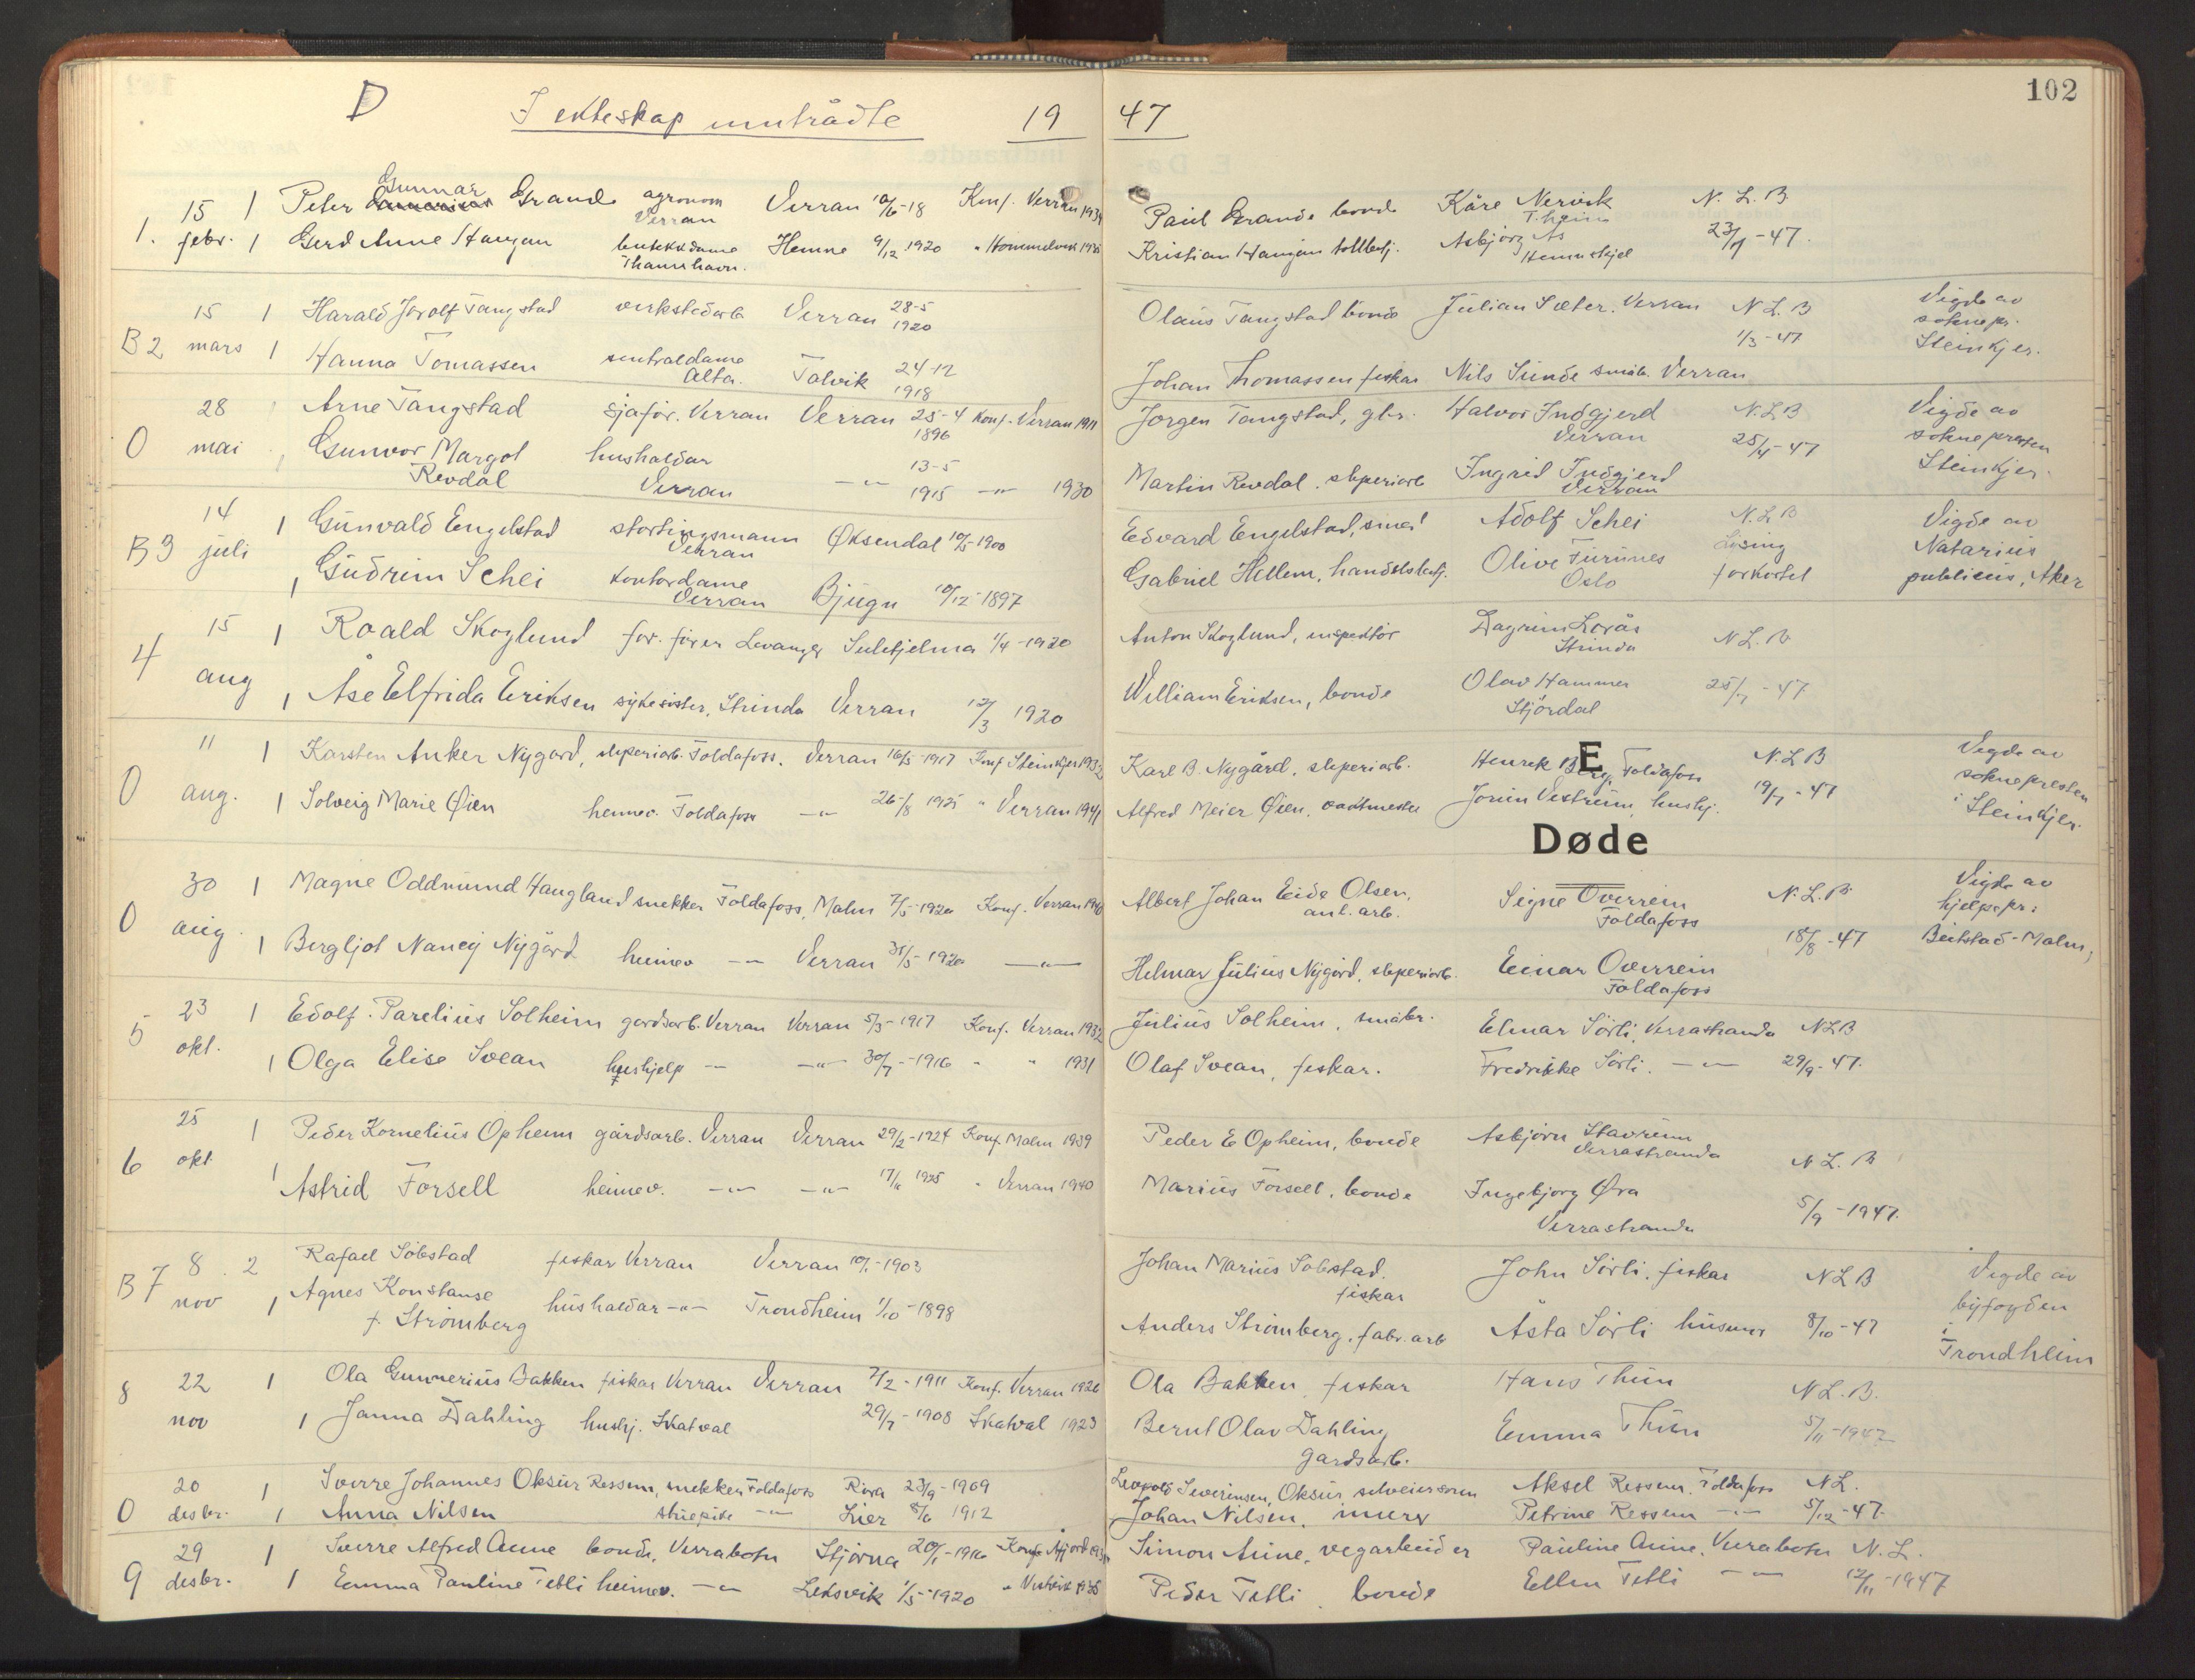 SAT, Ministerialprotokoller, klokkerbøker og fødselsregistre - Nord-Trøndelag, 744/L0425: Klokkerbok nr. 744C04, 1924-1947, s. 102